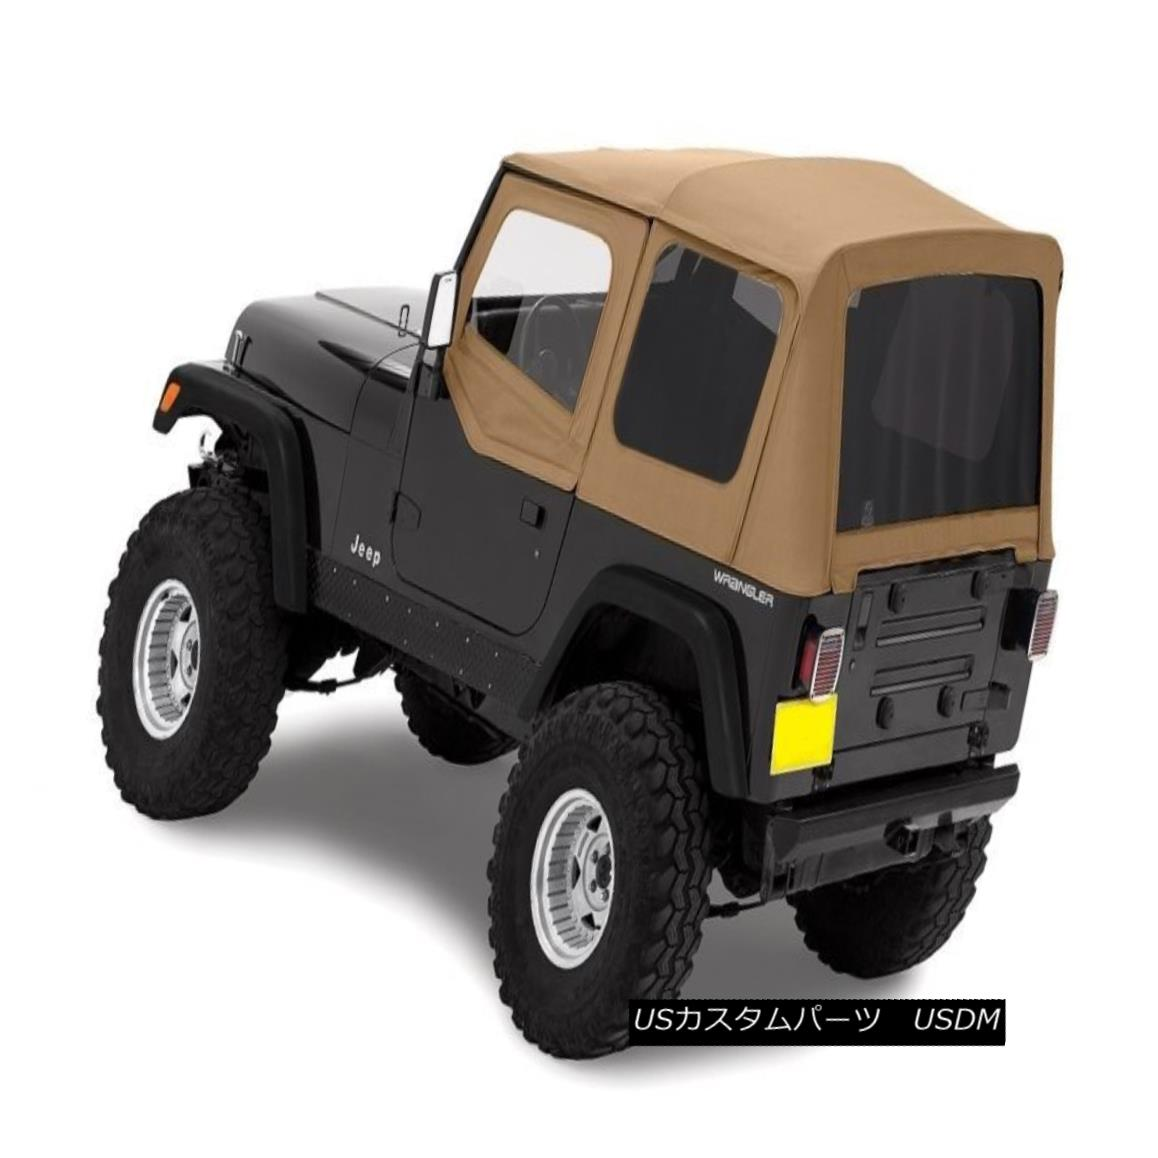 幌・ソフトトップ 1987-1995 Jeep Wrangler Complete Soft Top Kit Upper Doors & Tinted Windows Spice 1987-1995 Jeep Wrangler CompleteソフトトップキットUpper Doors& 着色Windowsスパイス